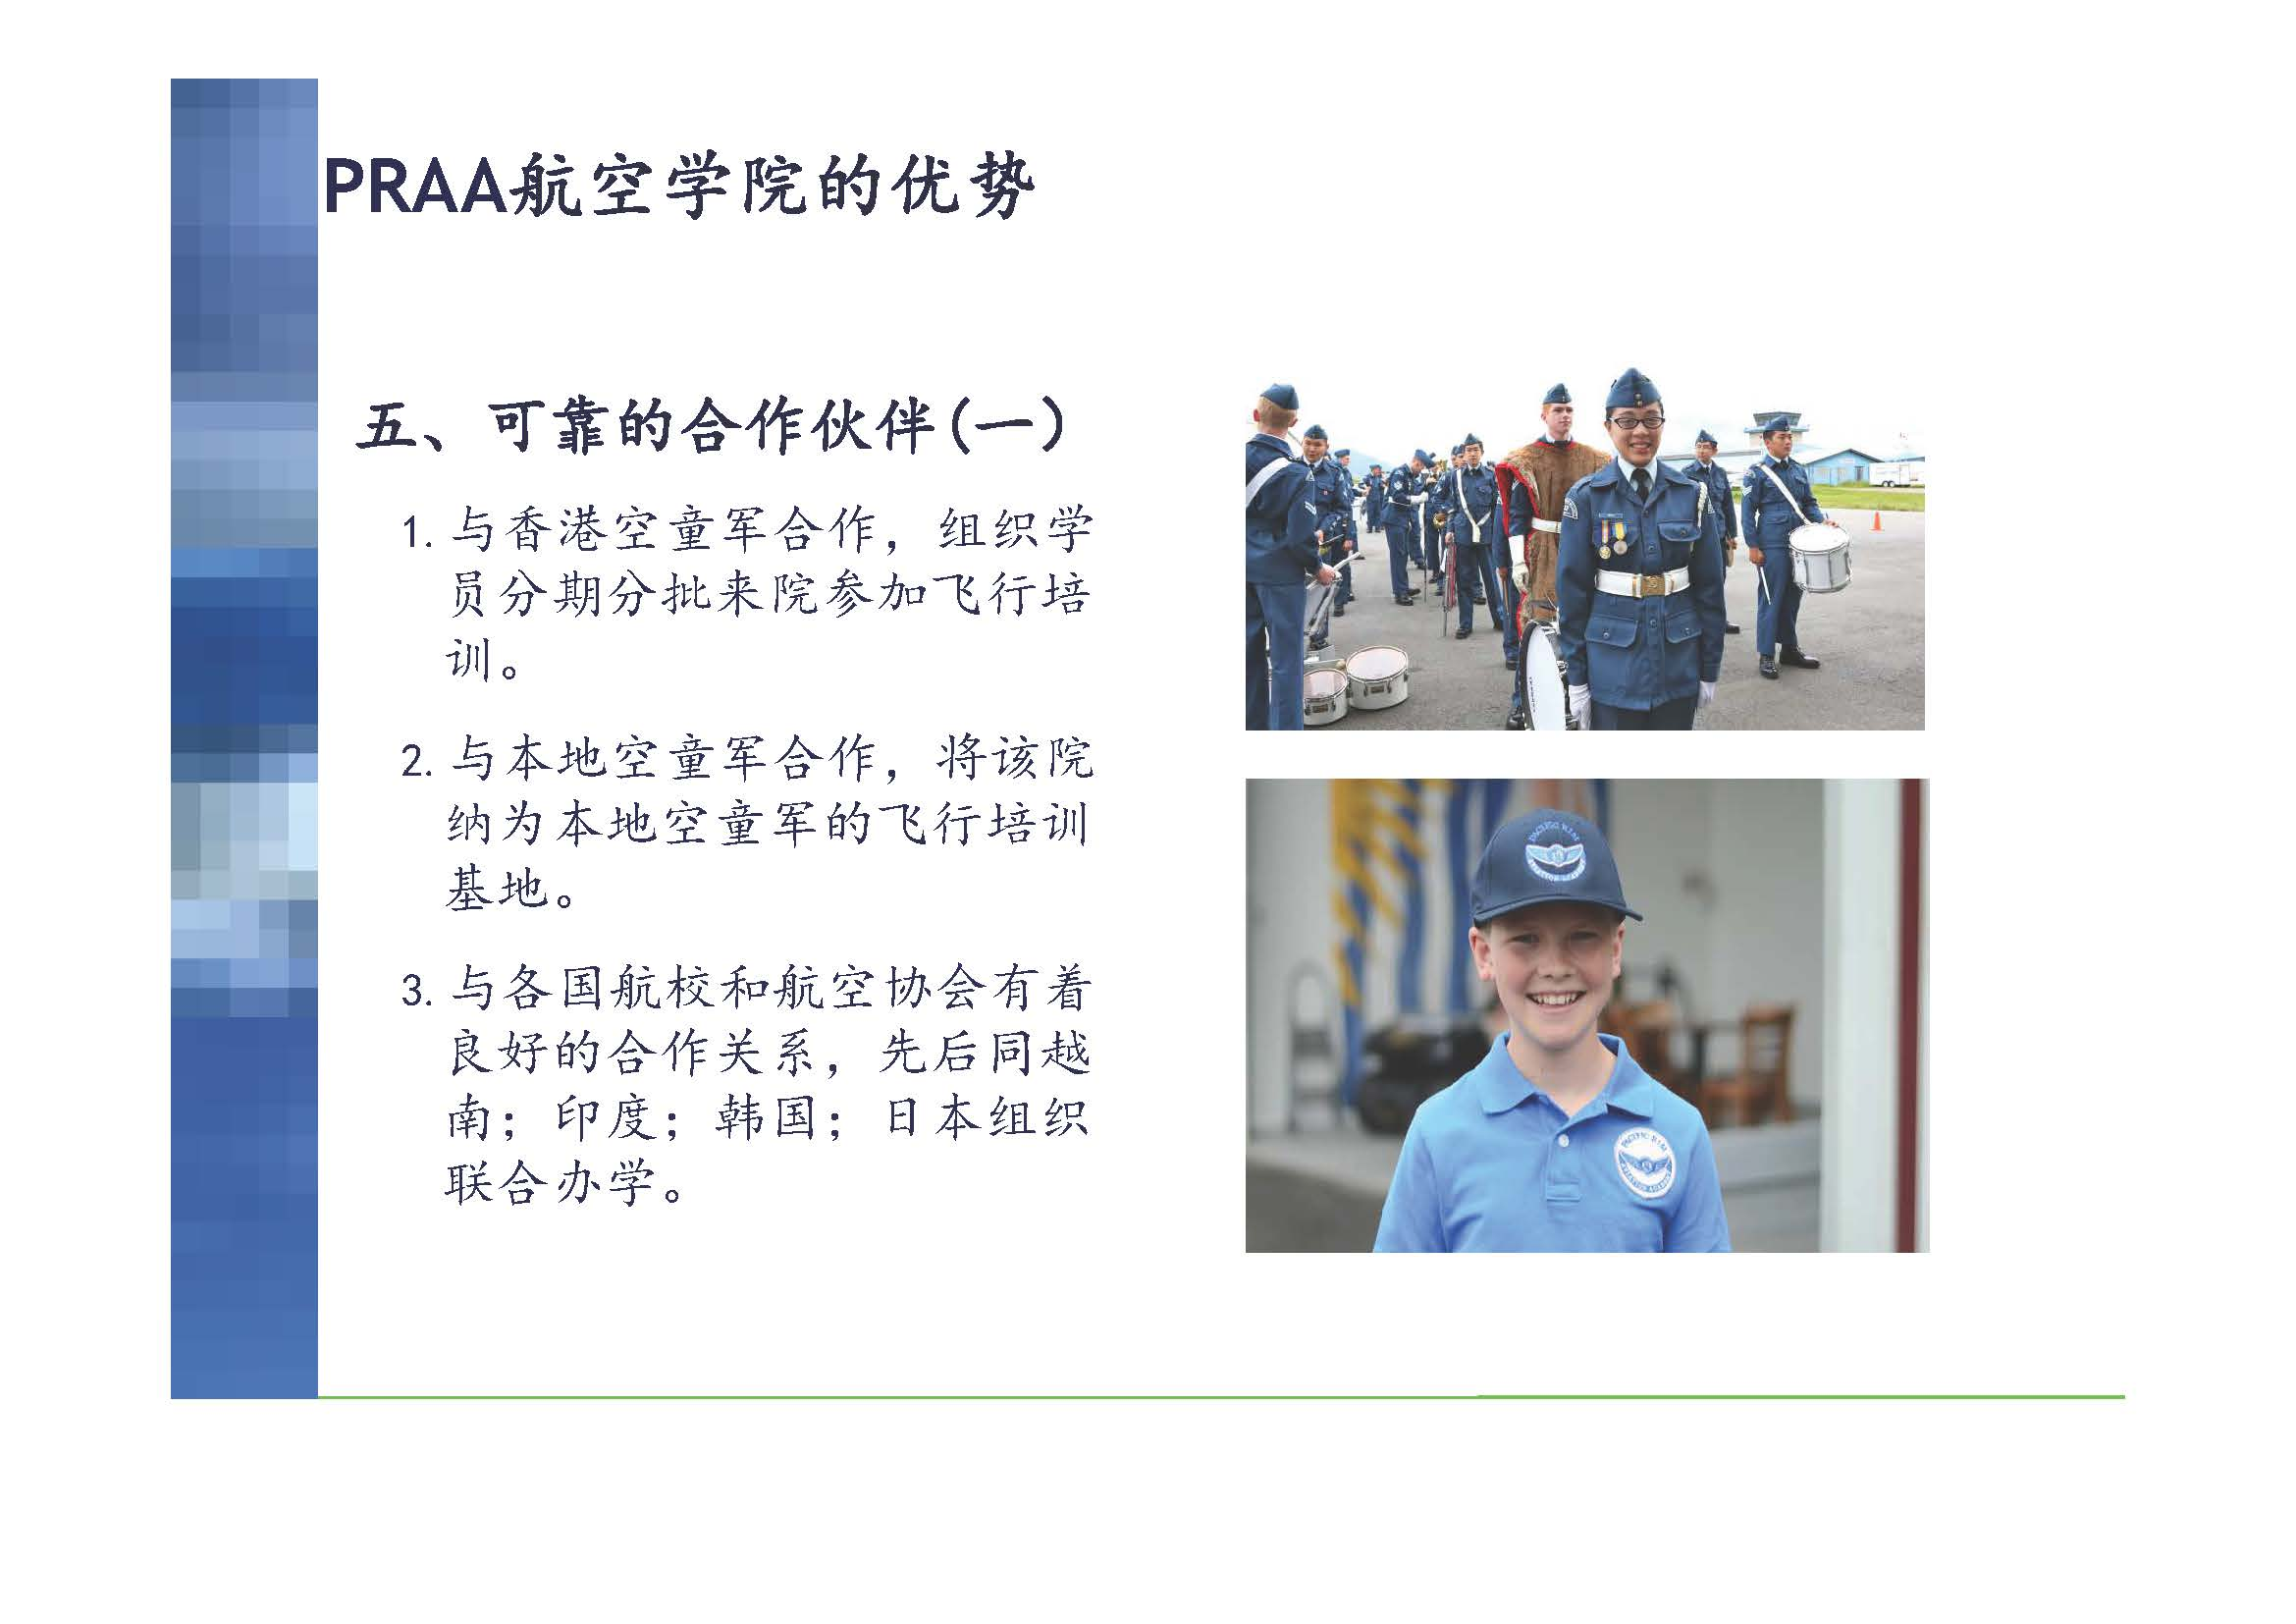 pnpjpg page 14